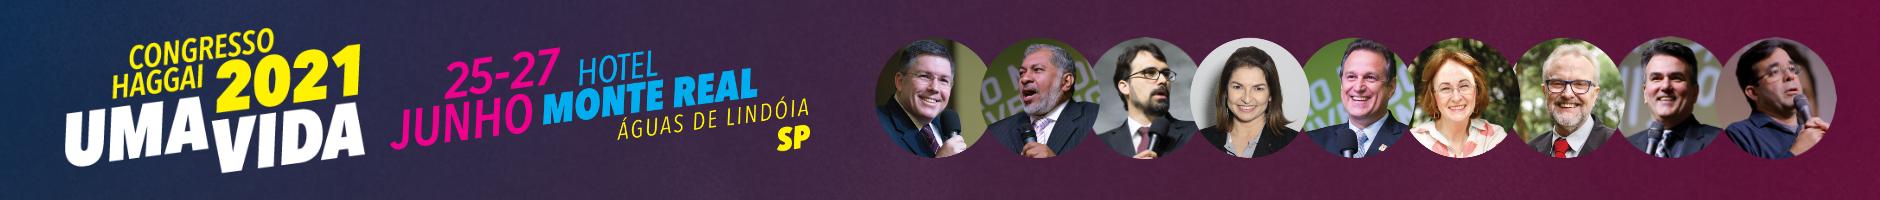 Congresso Haggai 2021 em Águas de Lindóia, SP